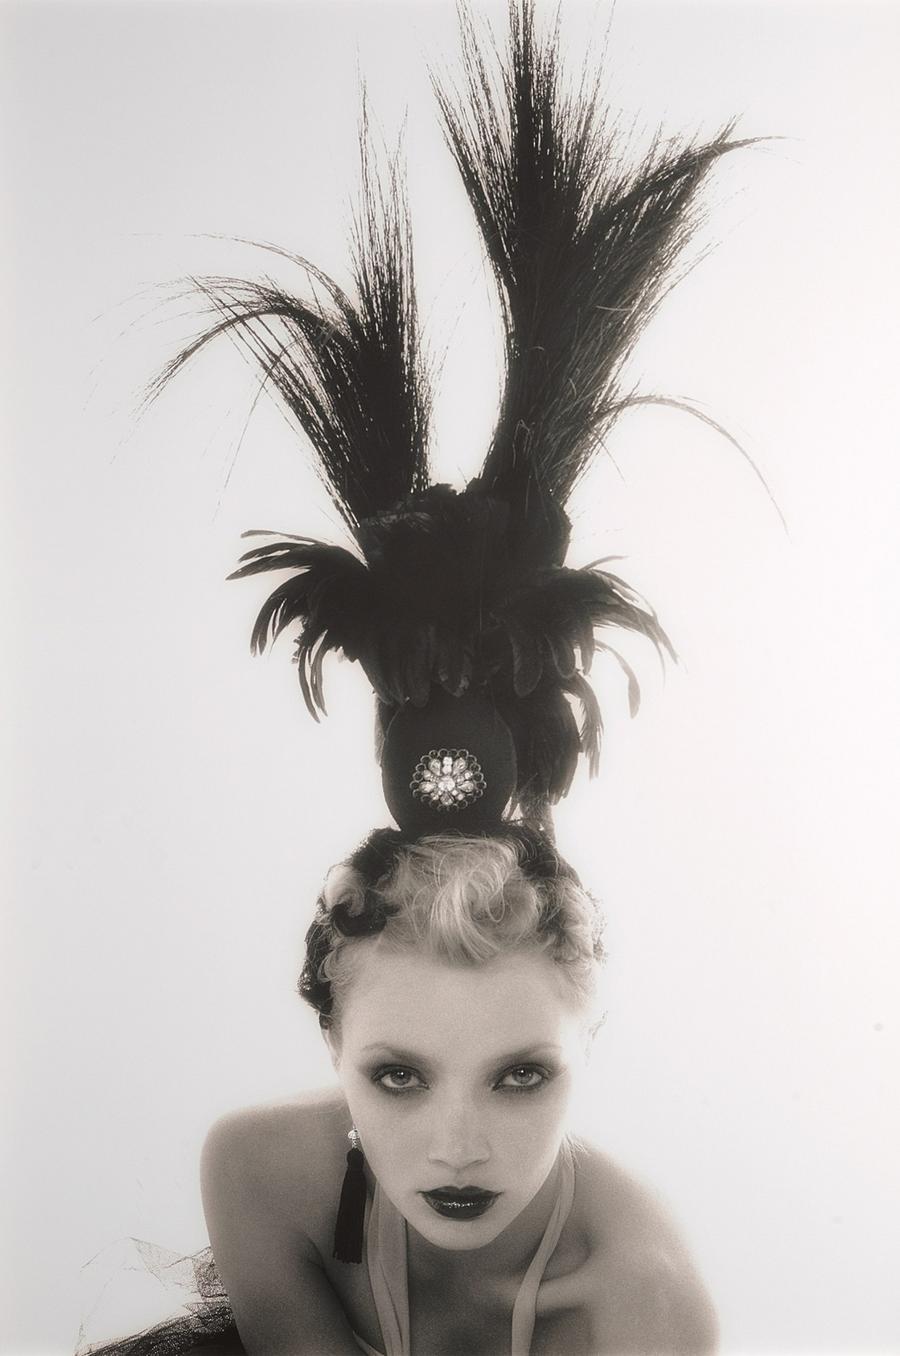 3. Джоди Кидд, Лондон, 2002/2003. Автор: российский модный и портретный фотограф Олег Михеев. Это оч